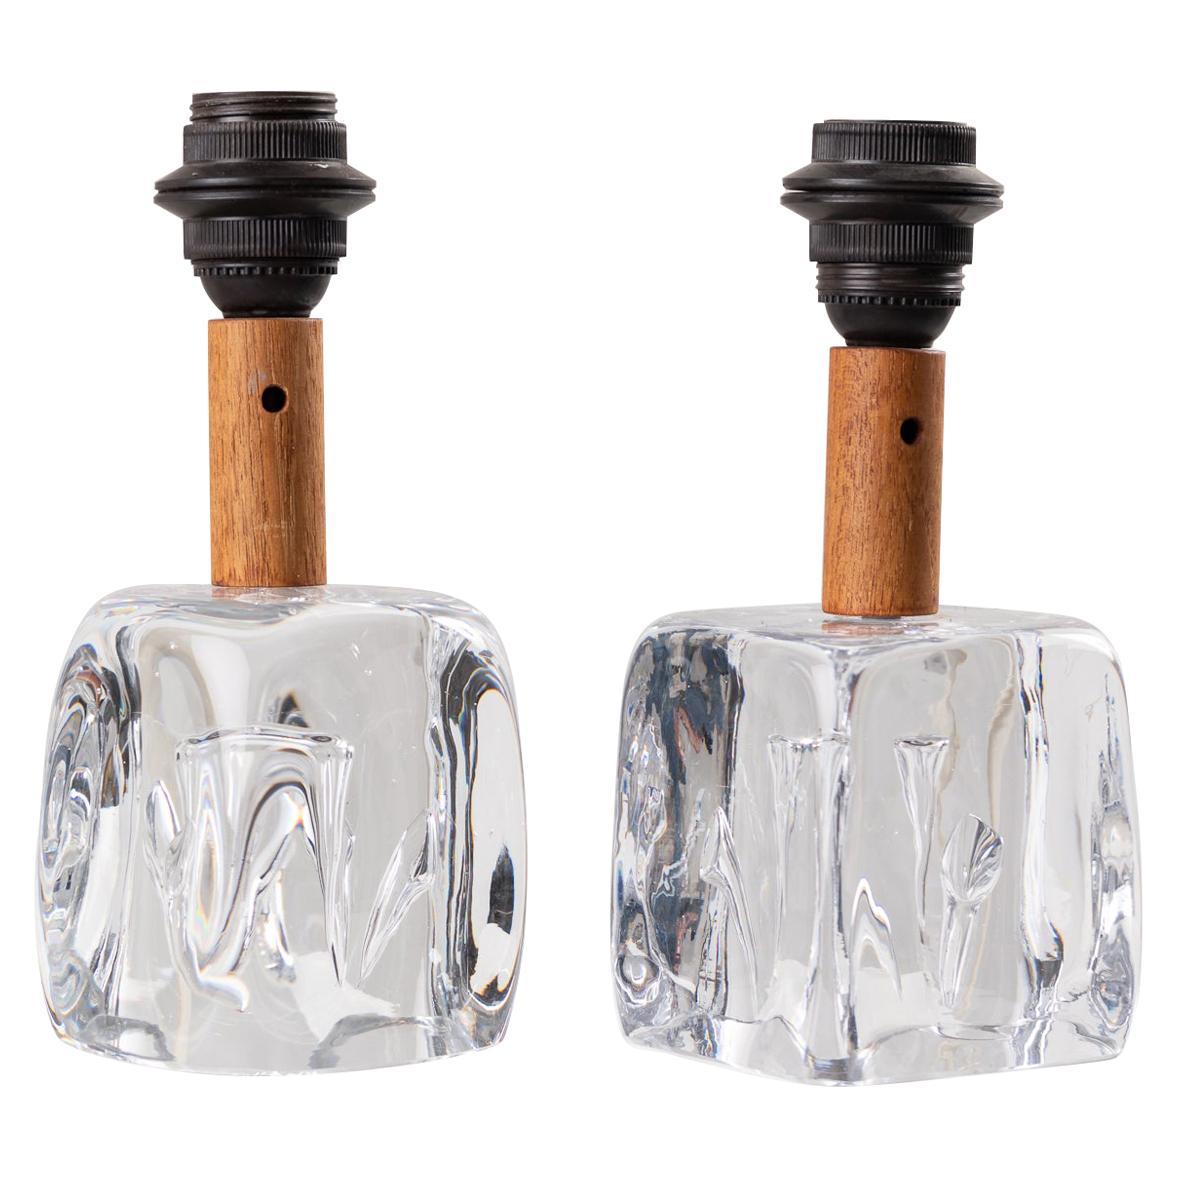 Josef Frank Scandinavian Modern Lamps for Svenskt Tenn